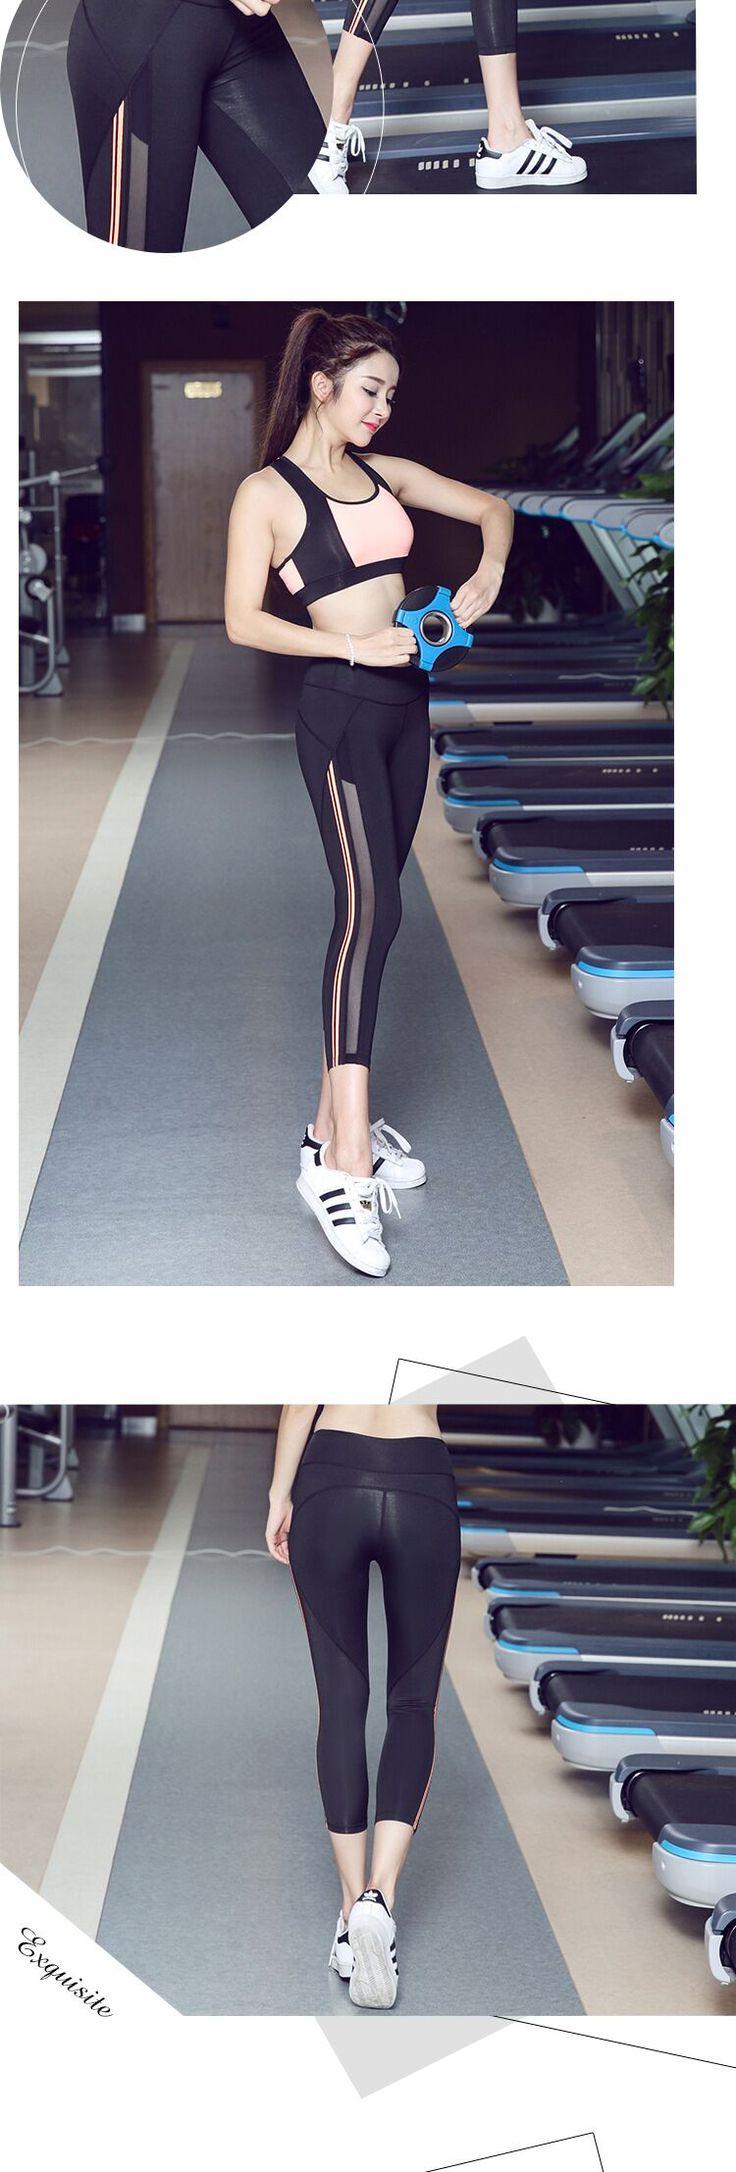 Весной и летом йога фитнес брюки Xihansugan тонкий брюки спорта на открытом воздухе штаны г-жа Идущие Брюки - Taobao